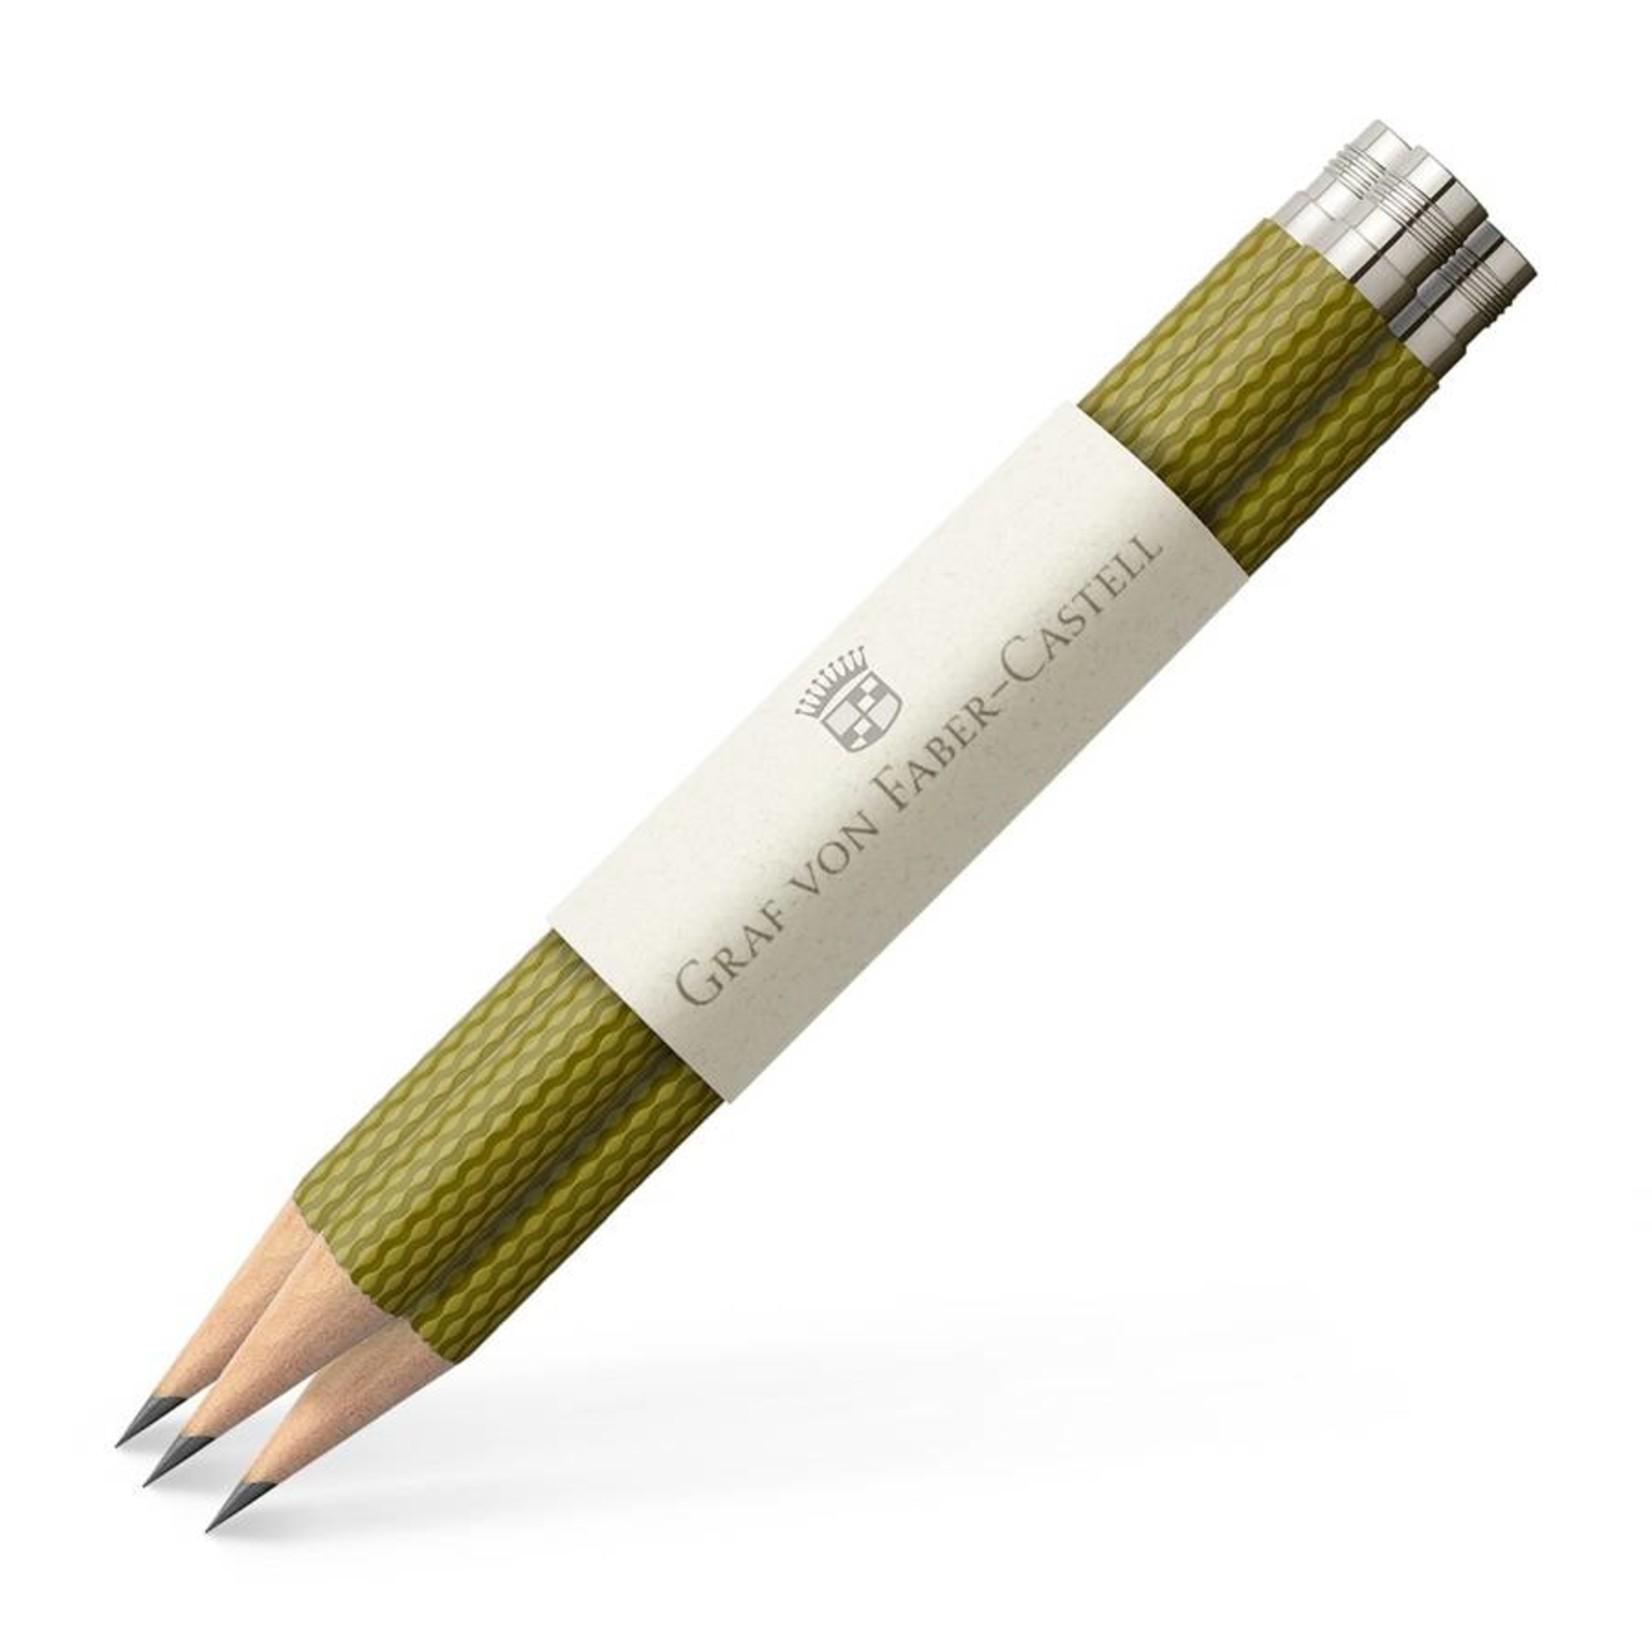 Faber-Castell Graf von Faber Castell Taschenbleistift Farbwelt Olive Green 3Stk für perfekten Bleistift